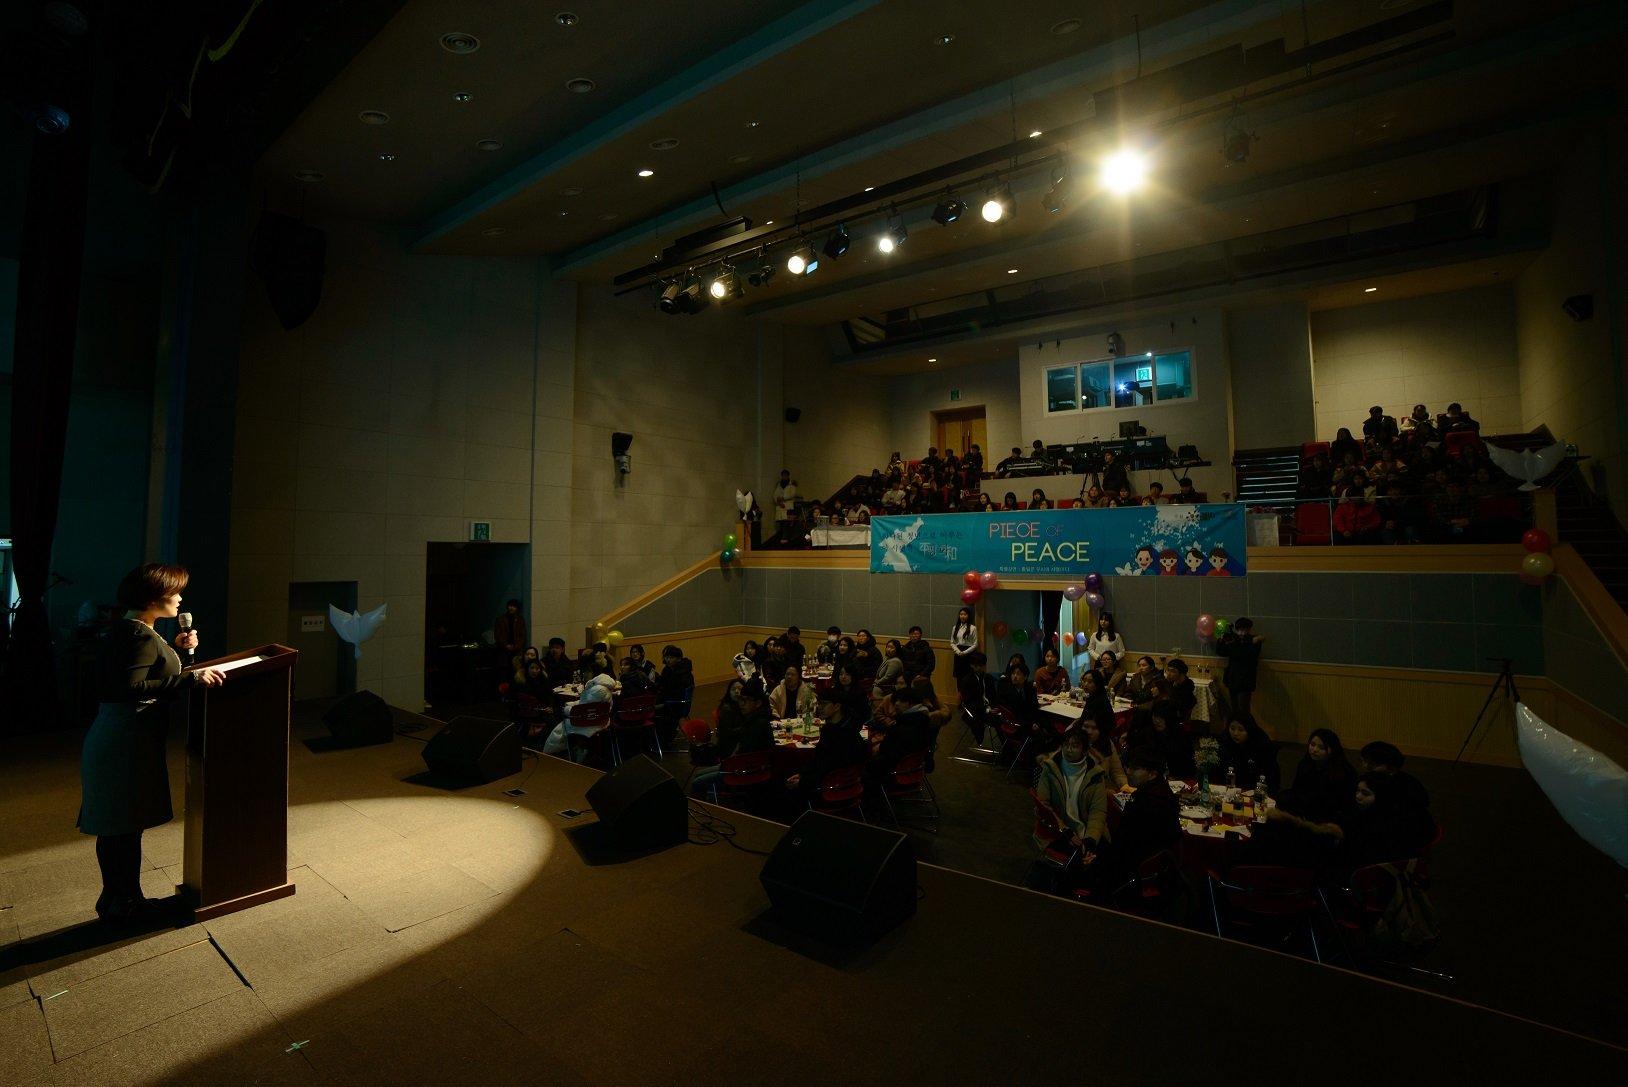 حدث مؤتمر السلام من أجل سيادة الشباب ، قطعة سلام